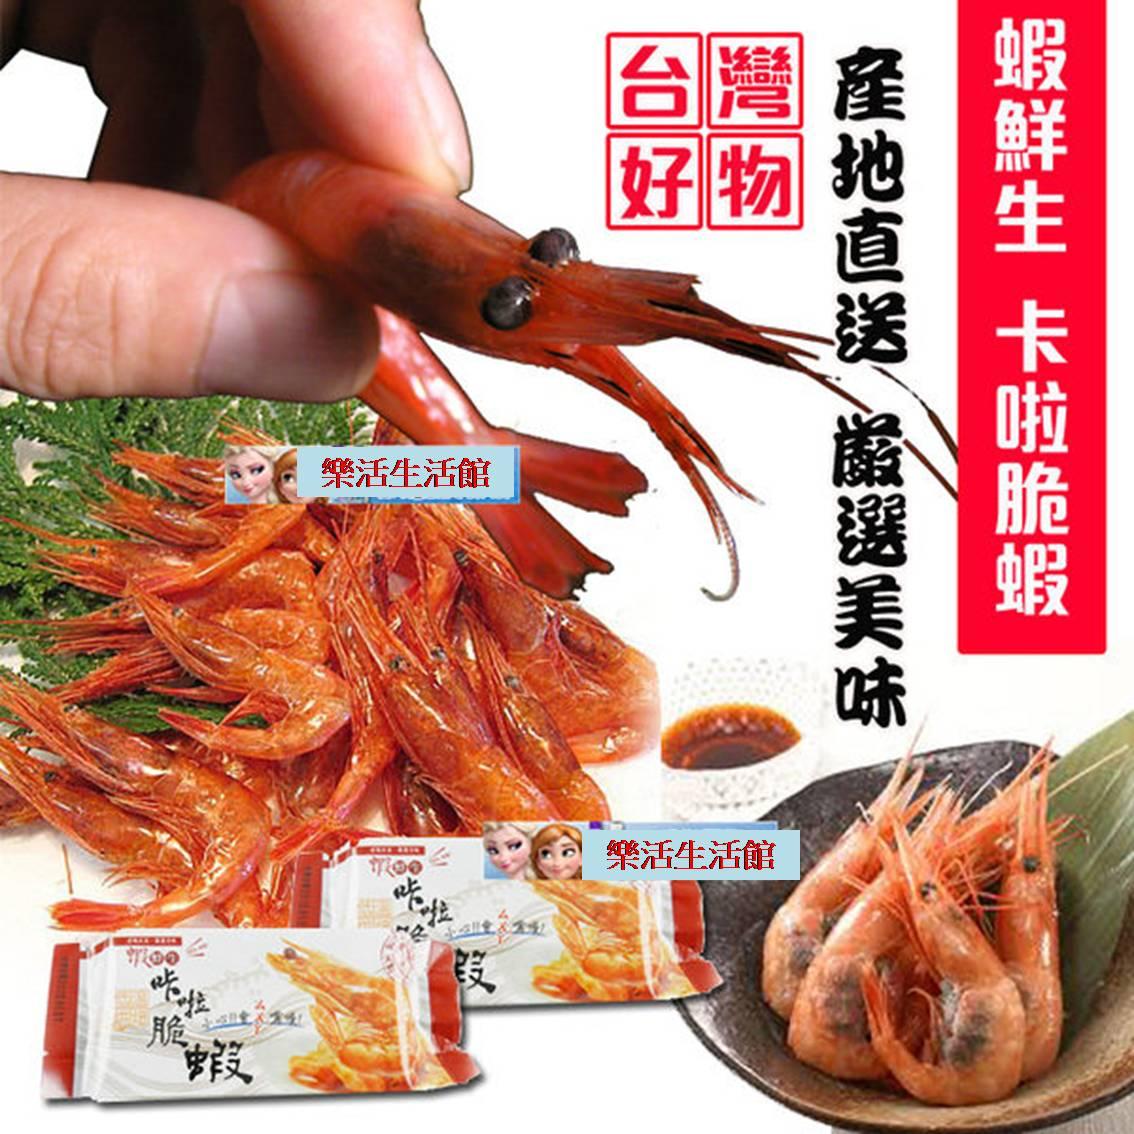 蝦鮮生   咔啦蝦  【樂活生活館】